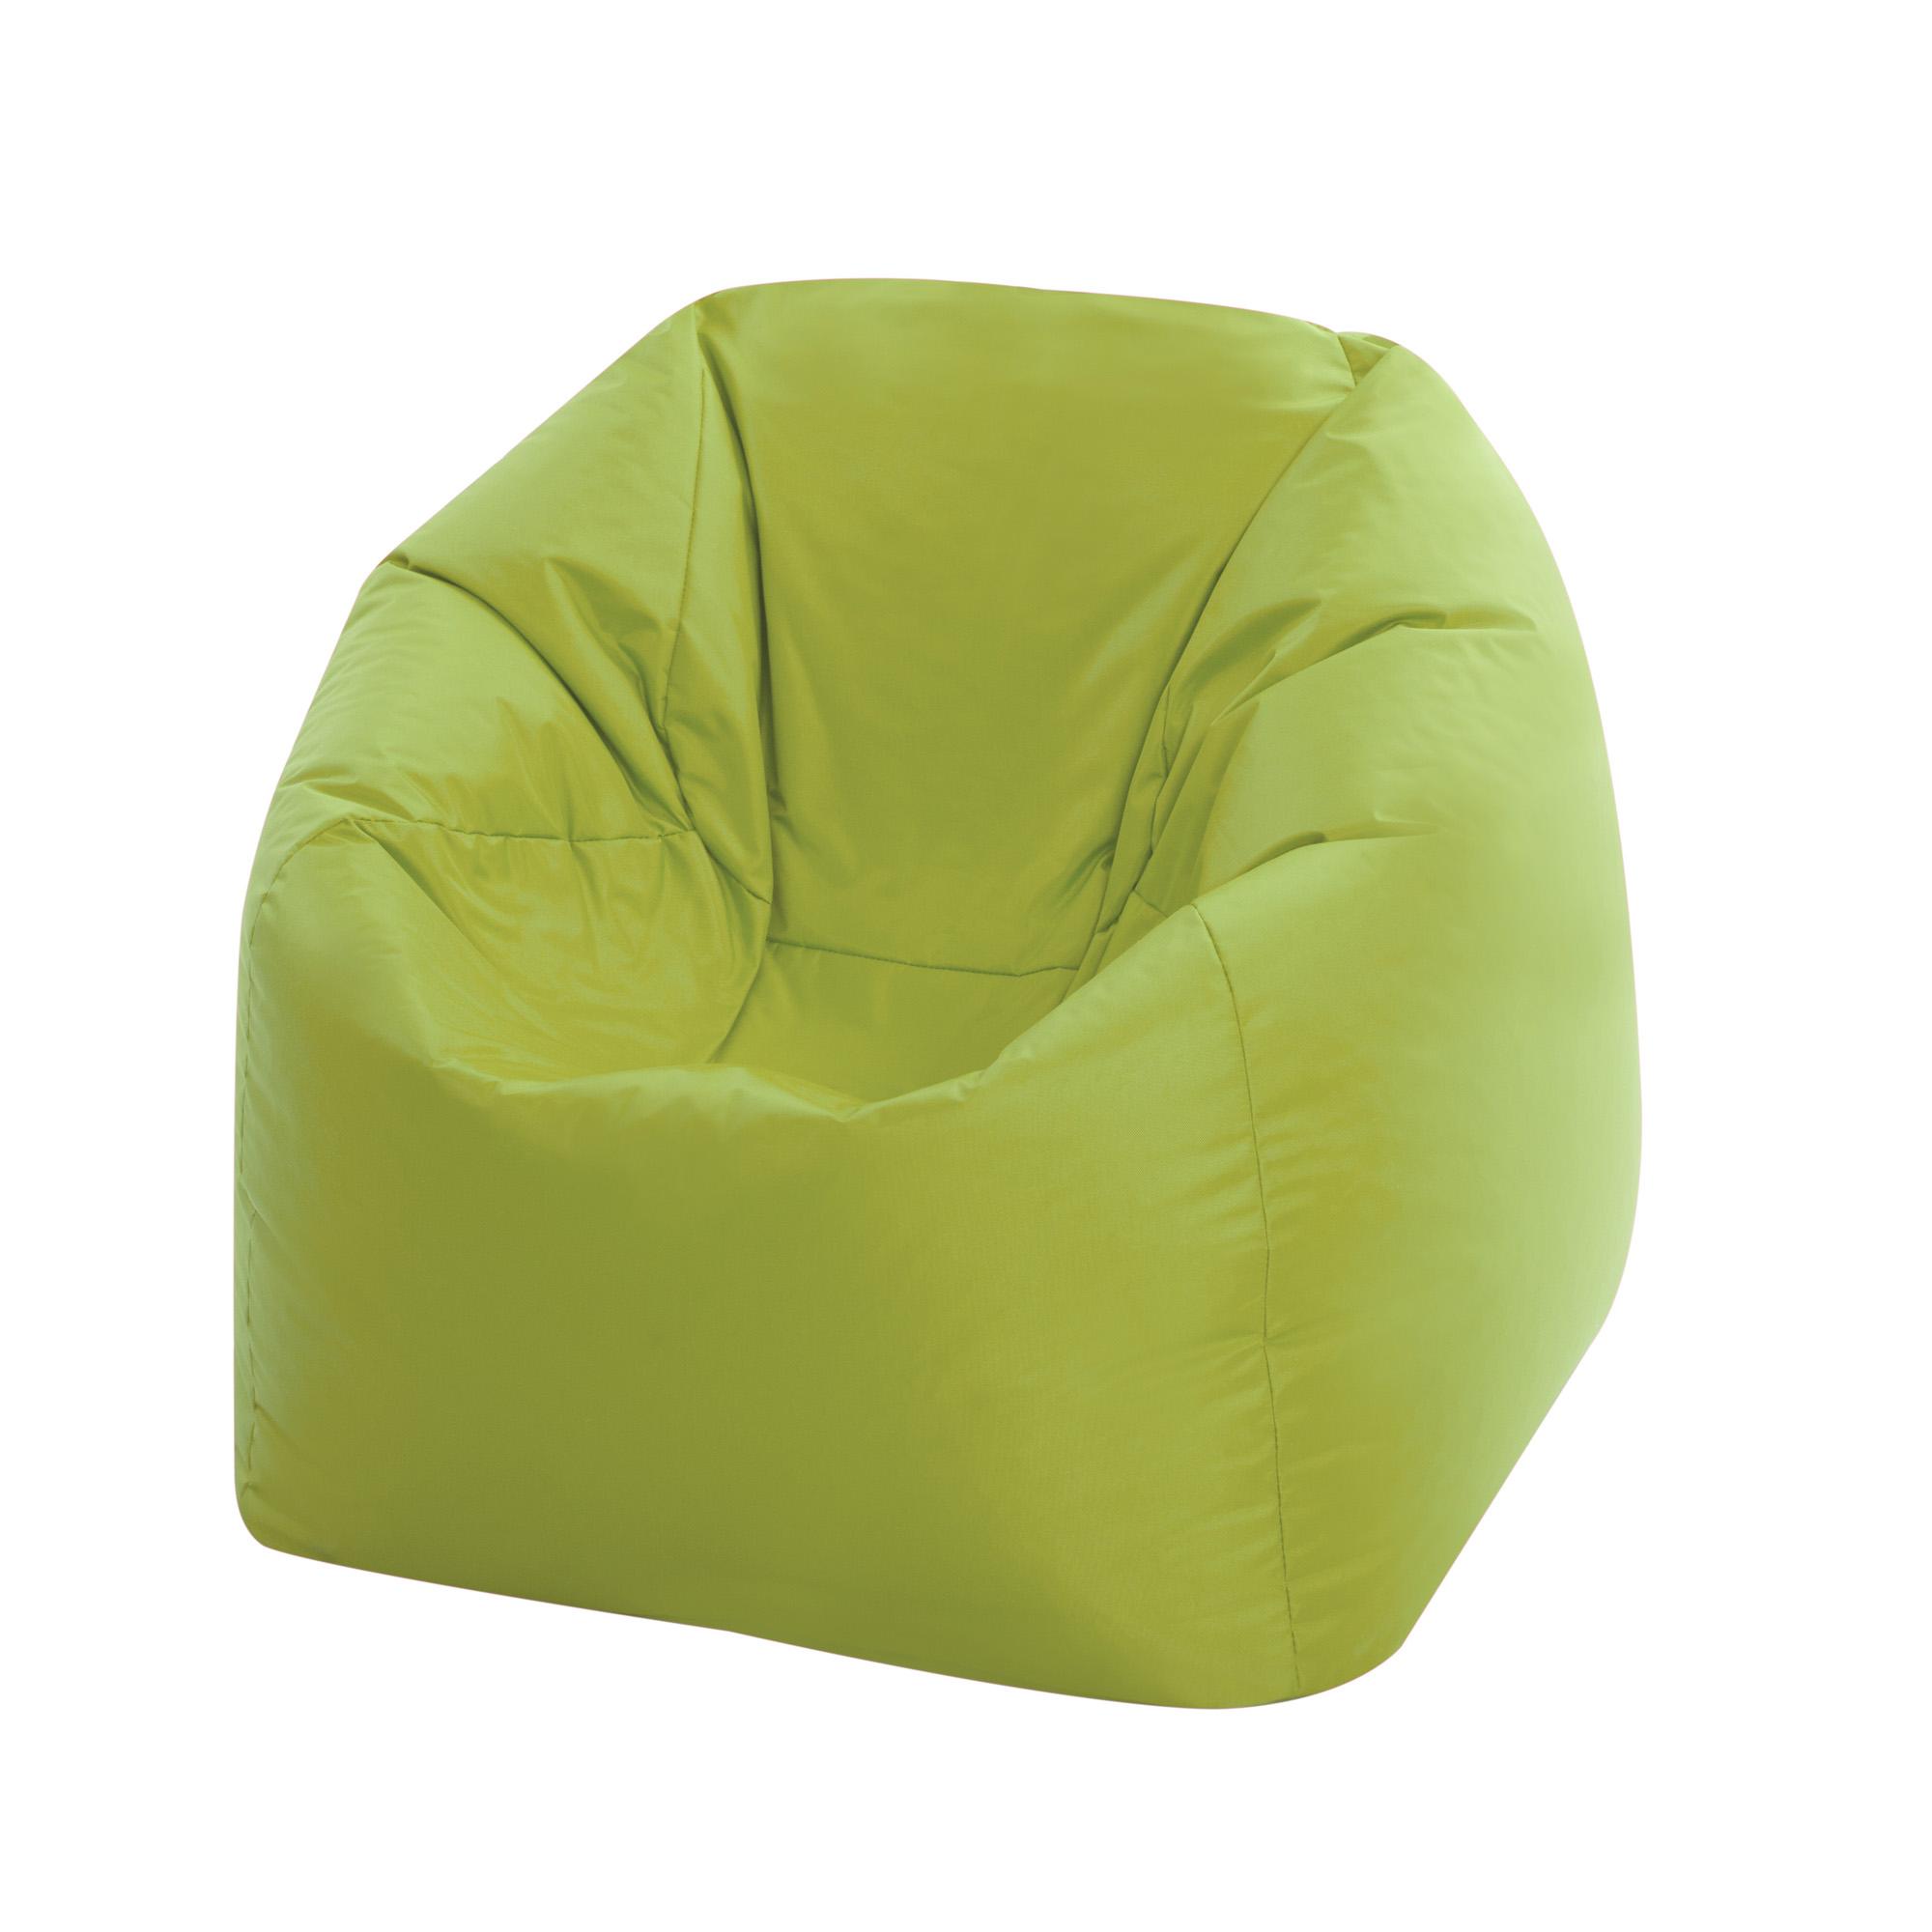 Eden-New-Nursery-Beanbag-lime-300dpi-2